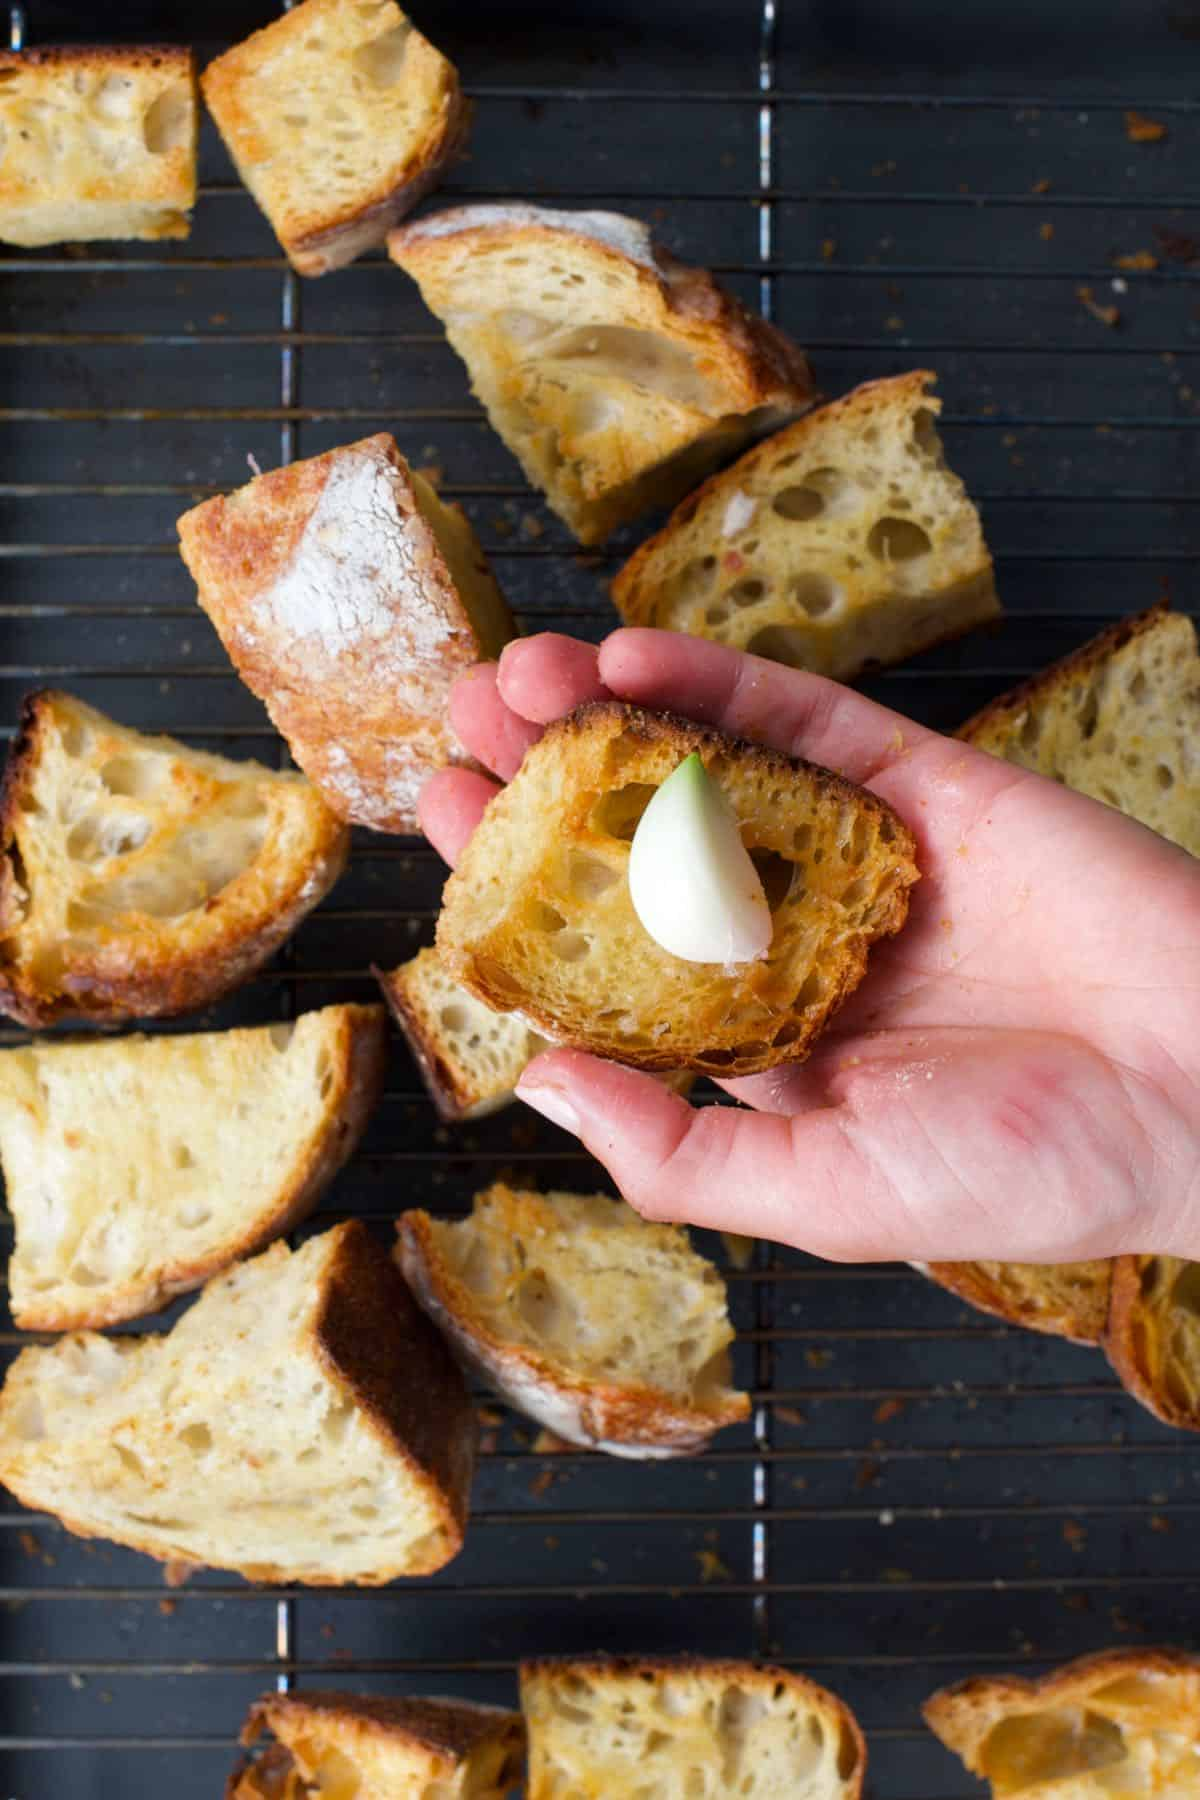 Rubbing garlic on roasted bread